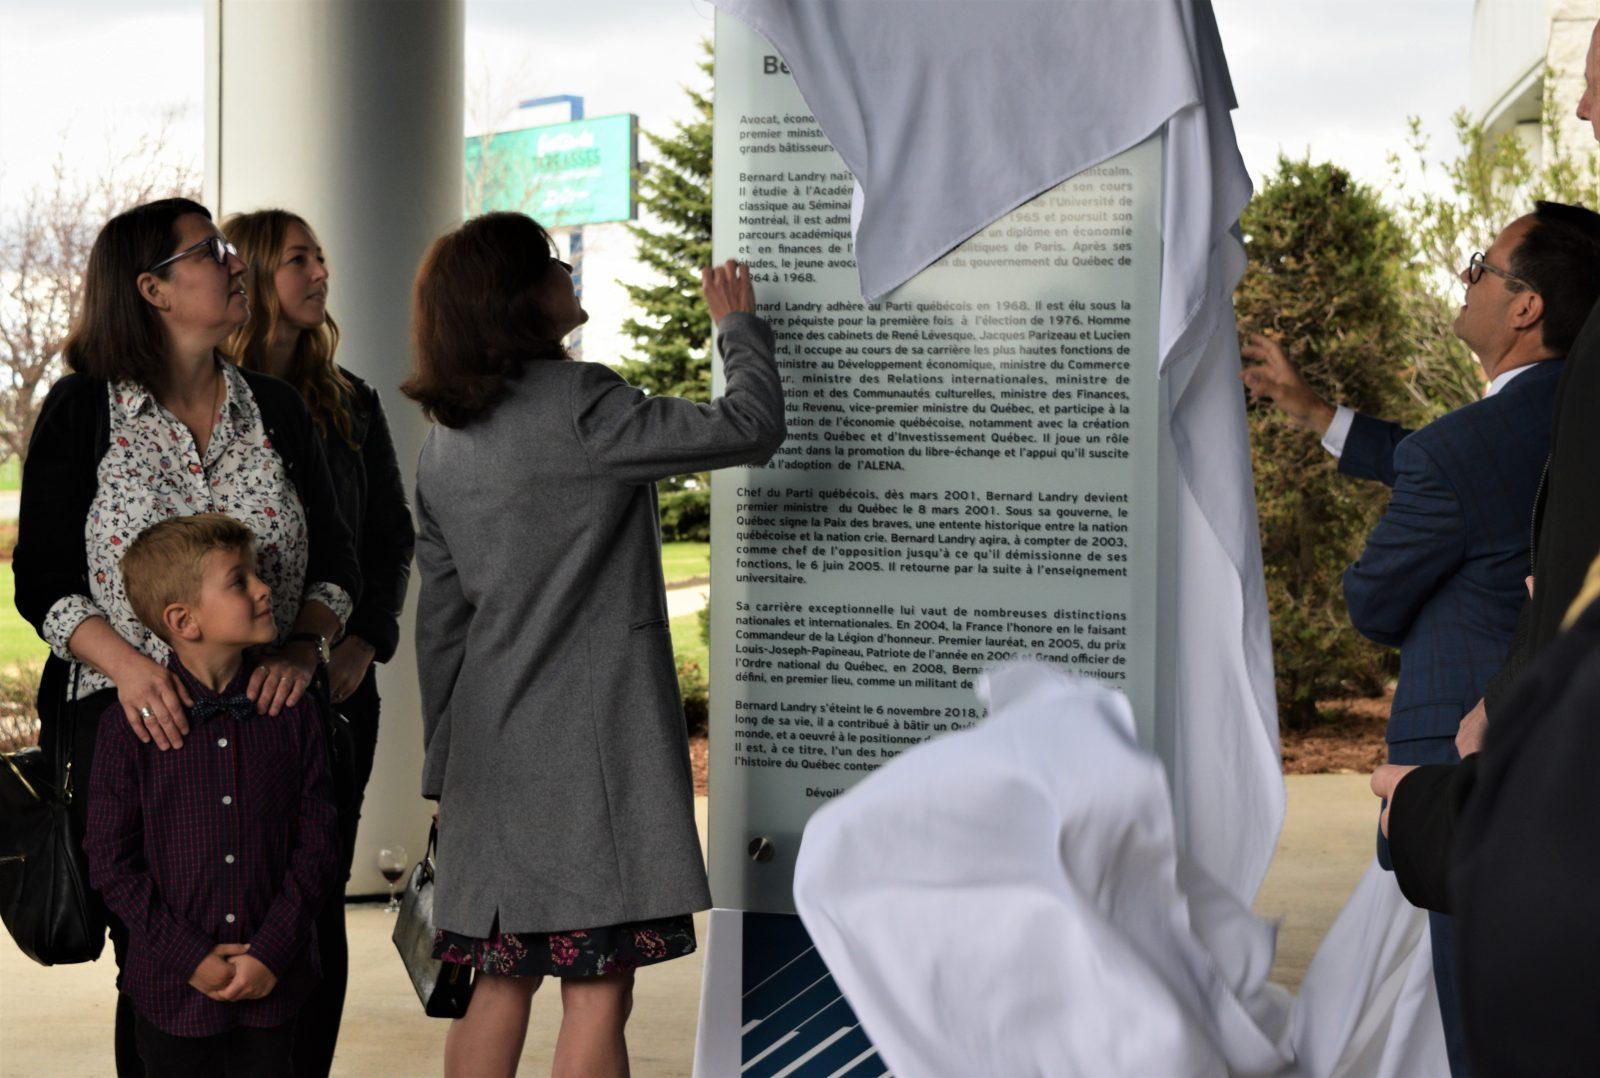 La SDED renomme son édifice à la mémoire de Bernard Landry